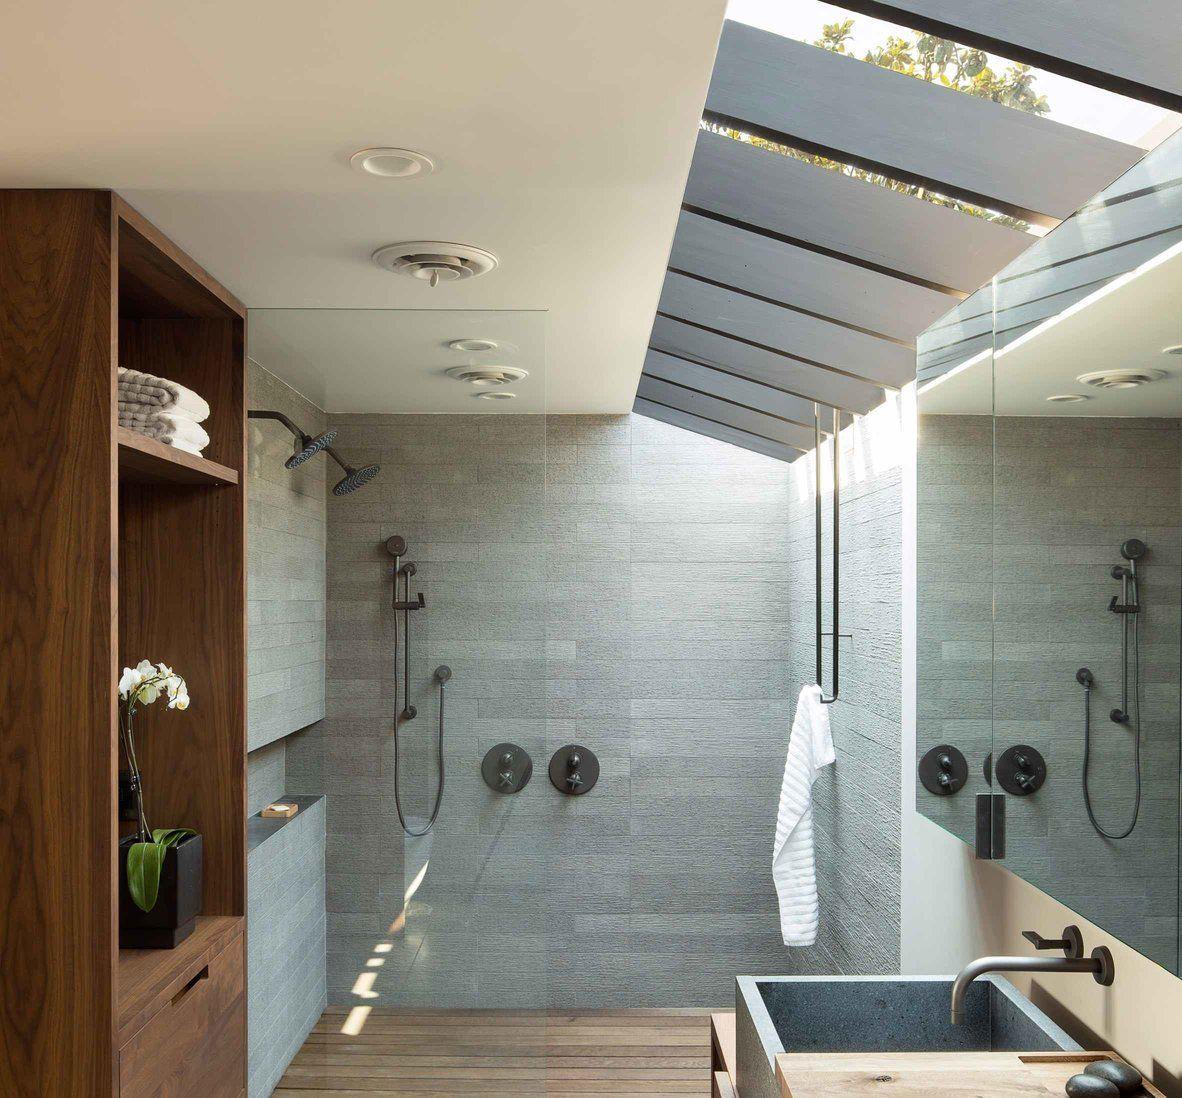 Banheiro com telhado de vidro